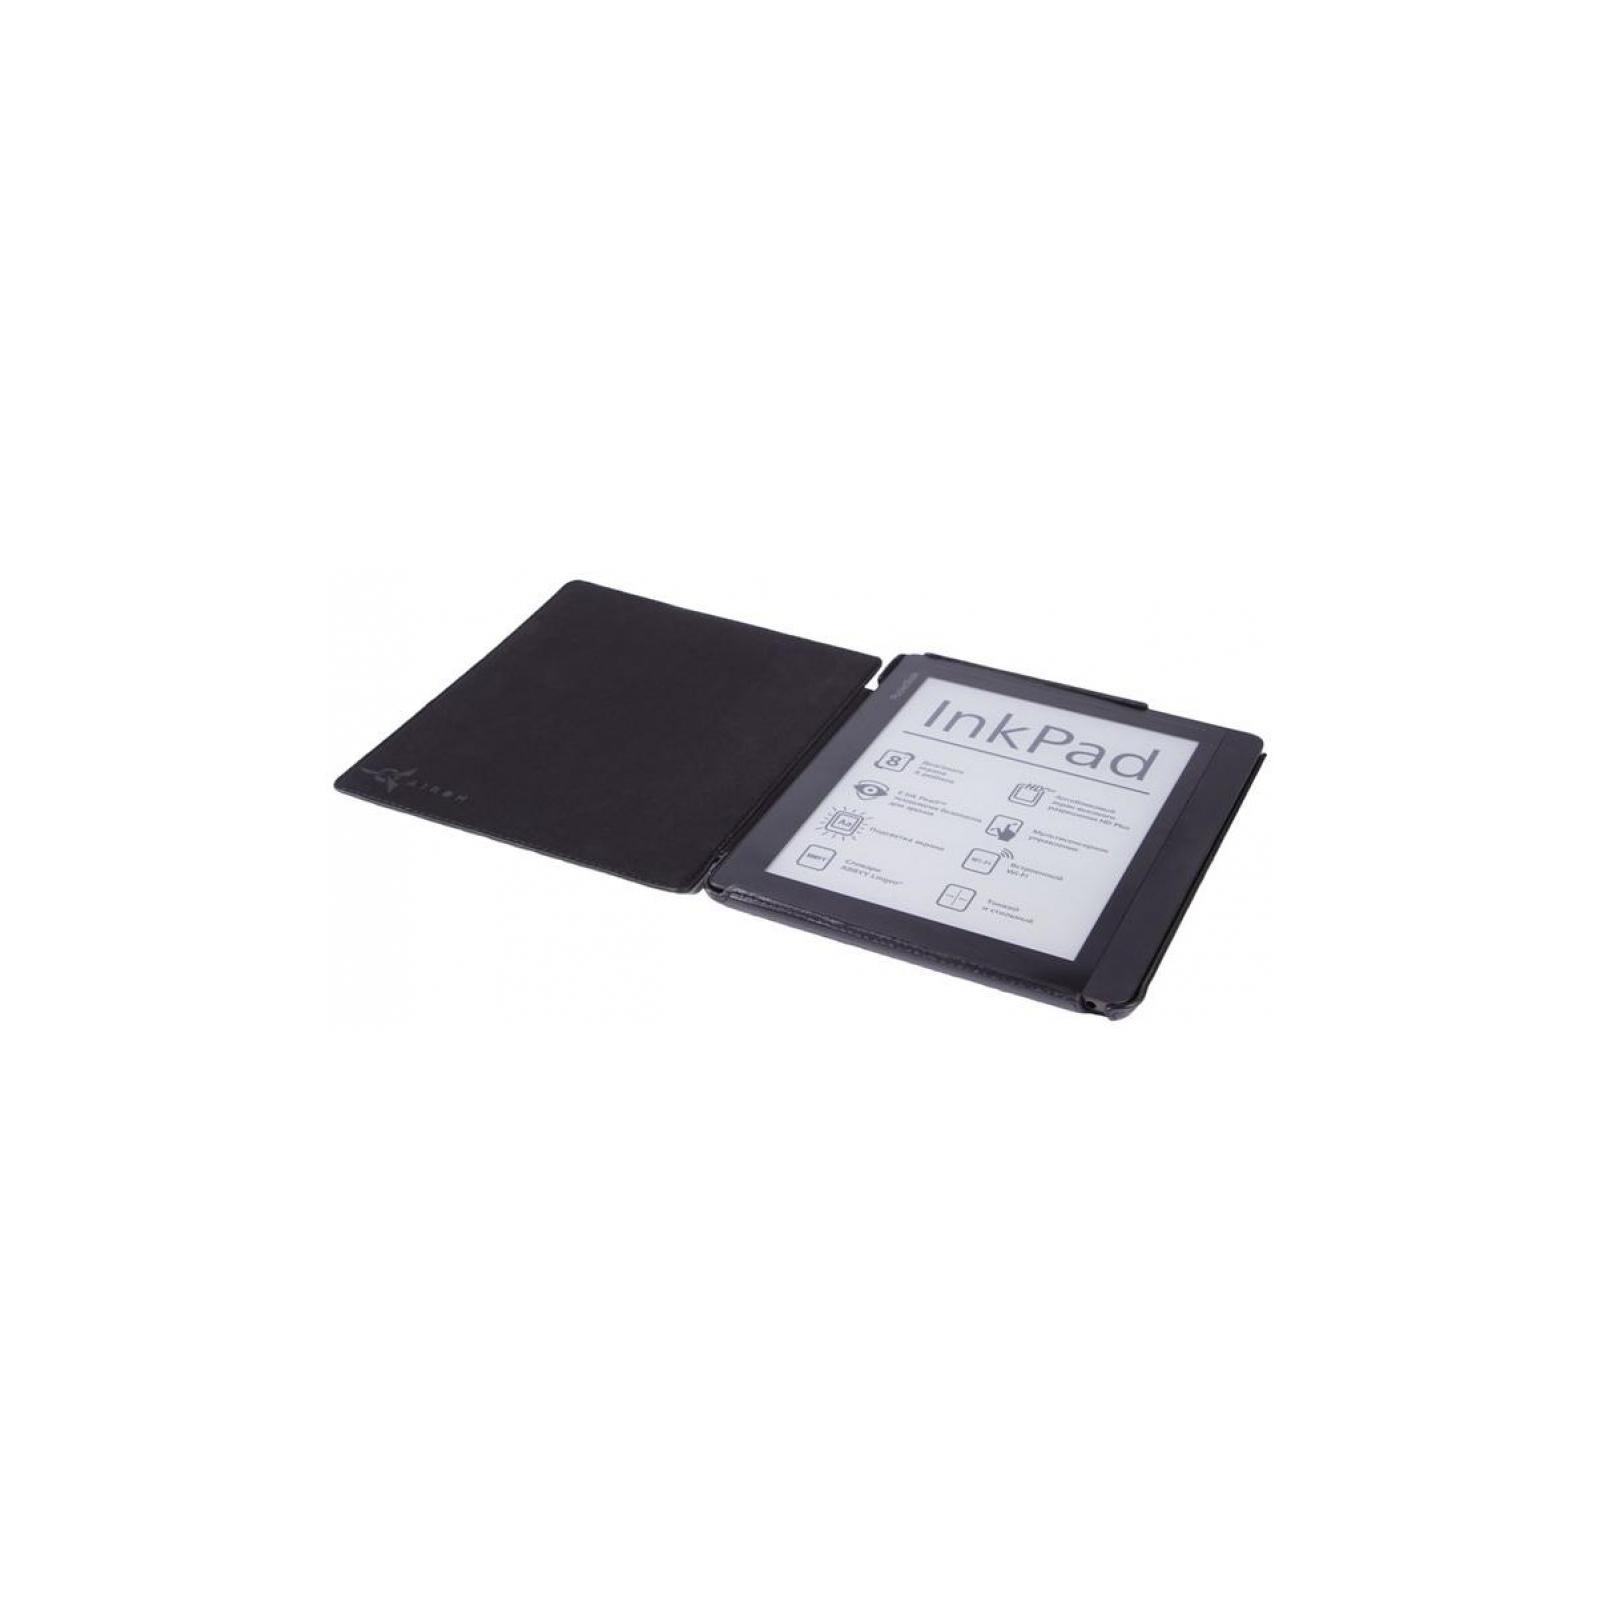 Чехол для электронной книги AirOn для PocketBook 840 (4821784622003) изображение 5